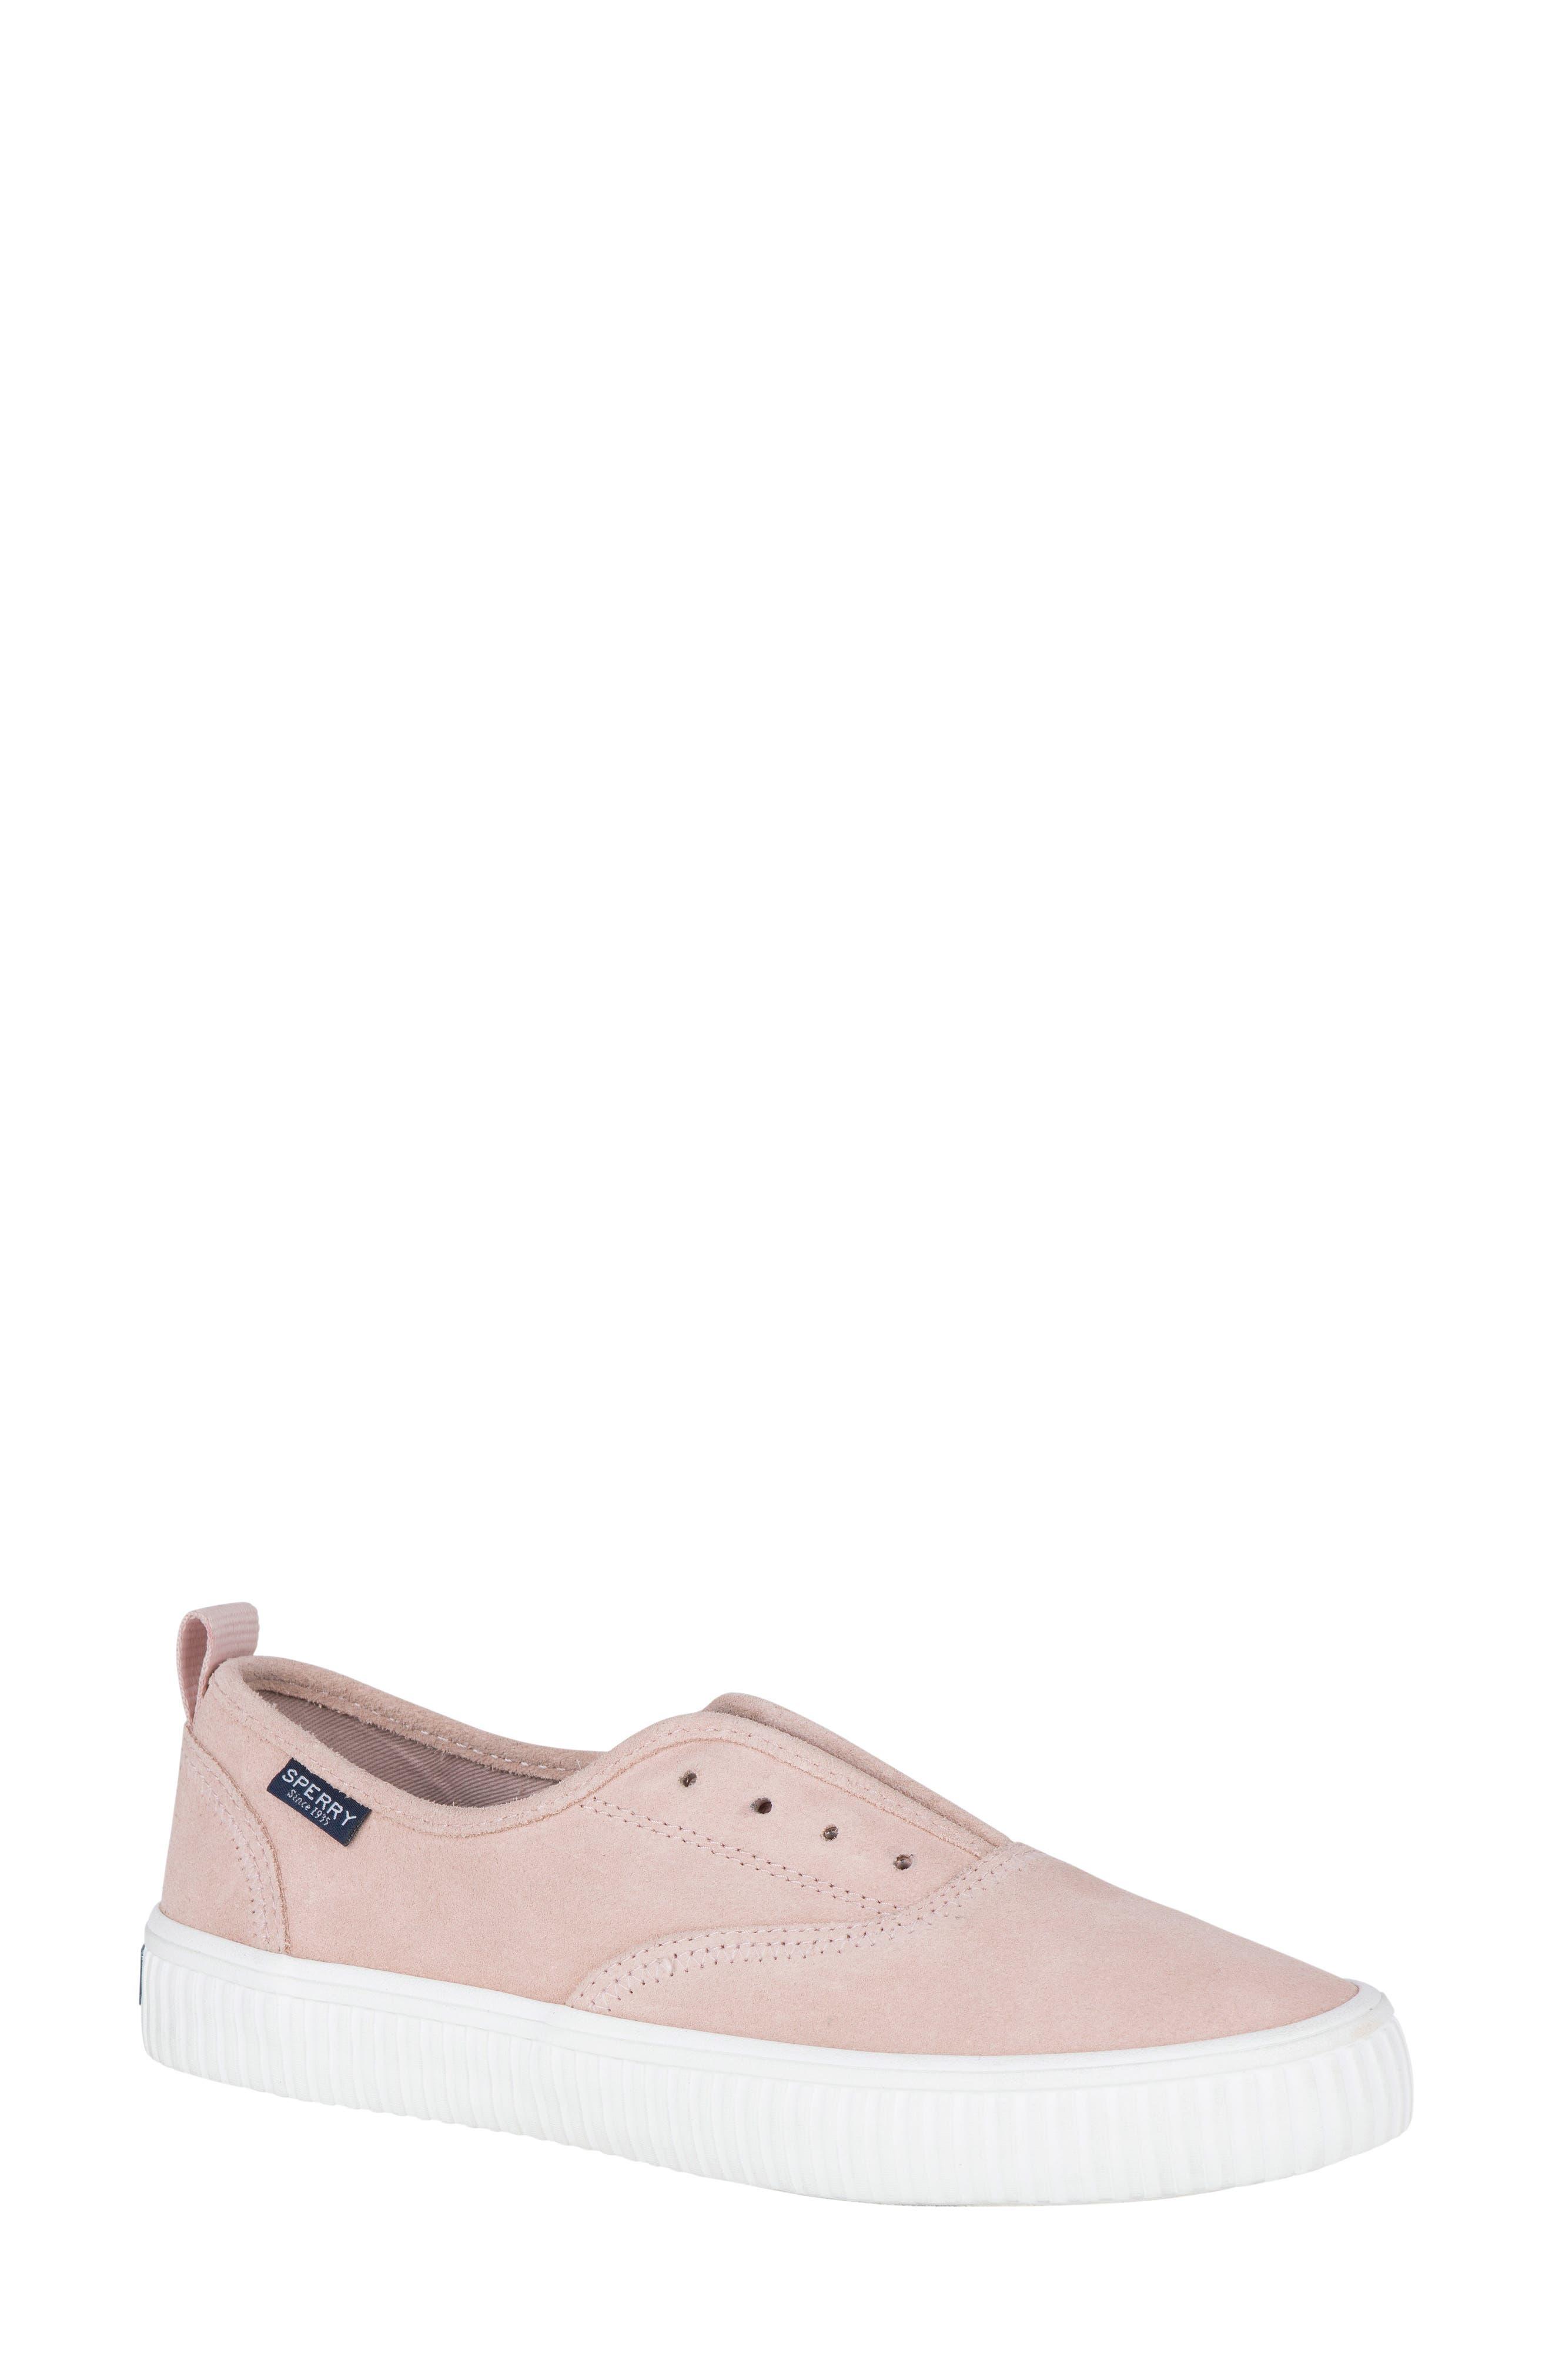 Sperry Crest Creeper Slip-On Sneaker (Women)